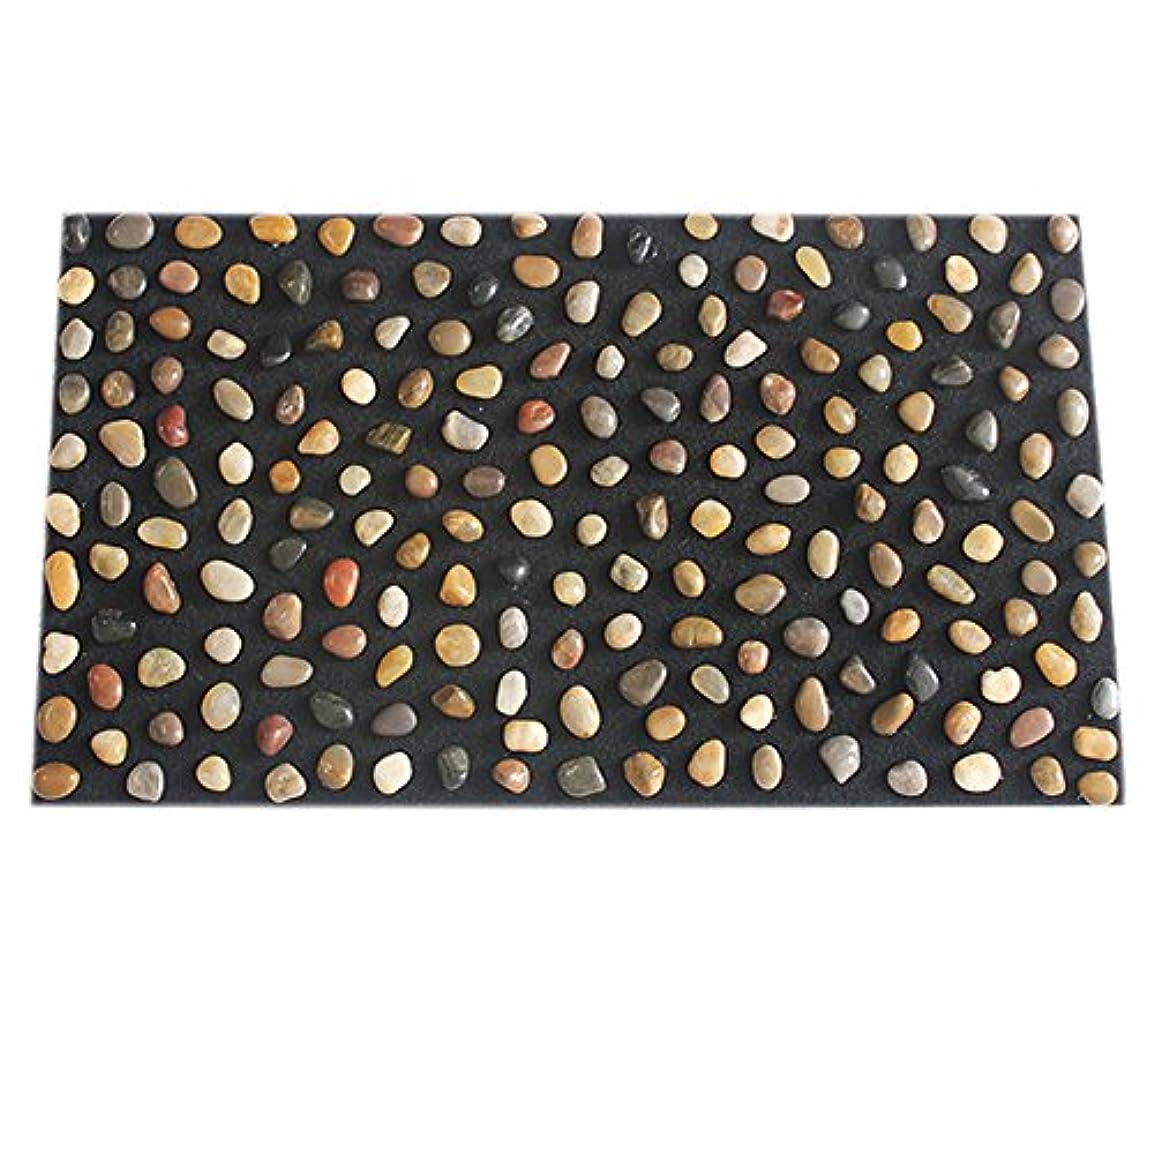 ダンスイースターキリマンジャロ足つぼ マット マッサージシート マッサージ 足裏 健康 ツボ刺激 折りたたみ ウォーキングマット 足裏マット 本物の健康 フットマッサージ 足のマッサージパッド 模造石畳の歩道